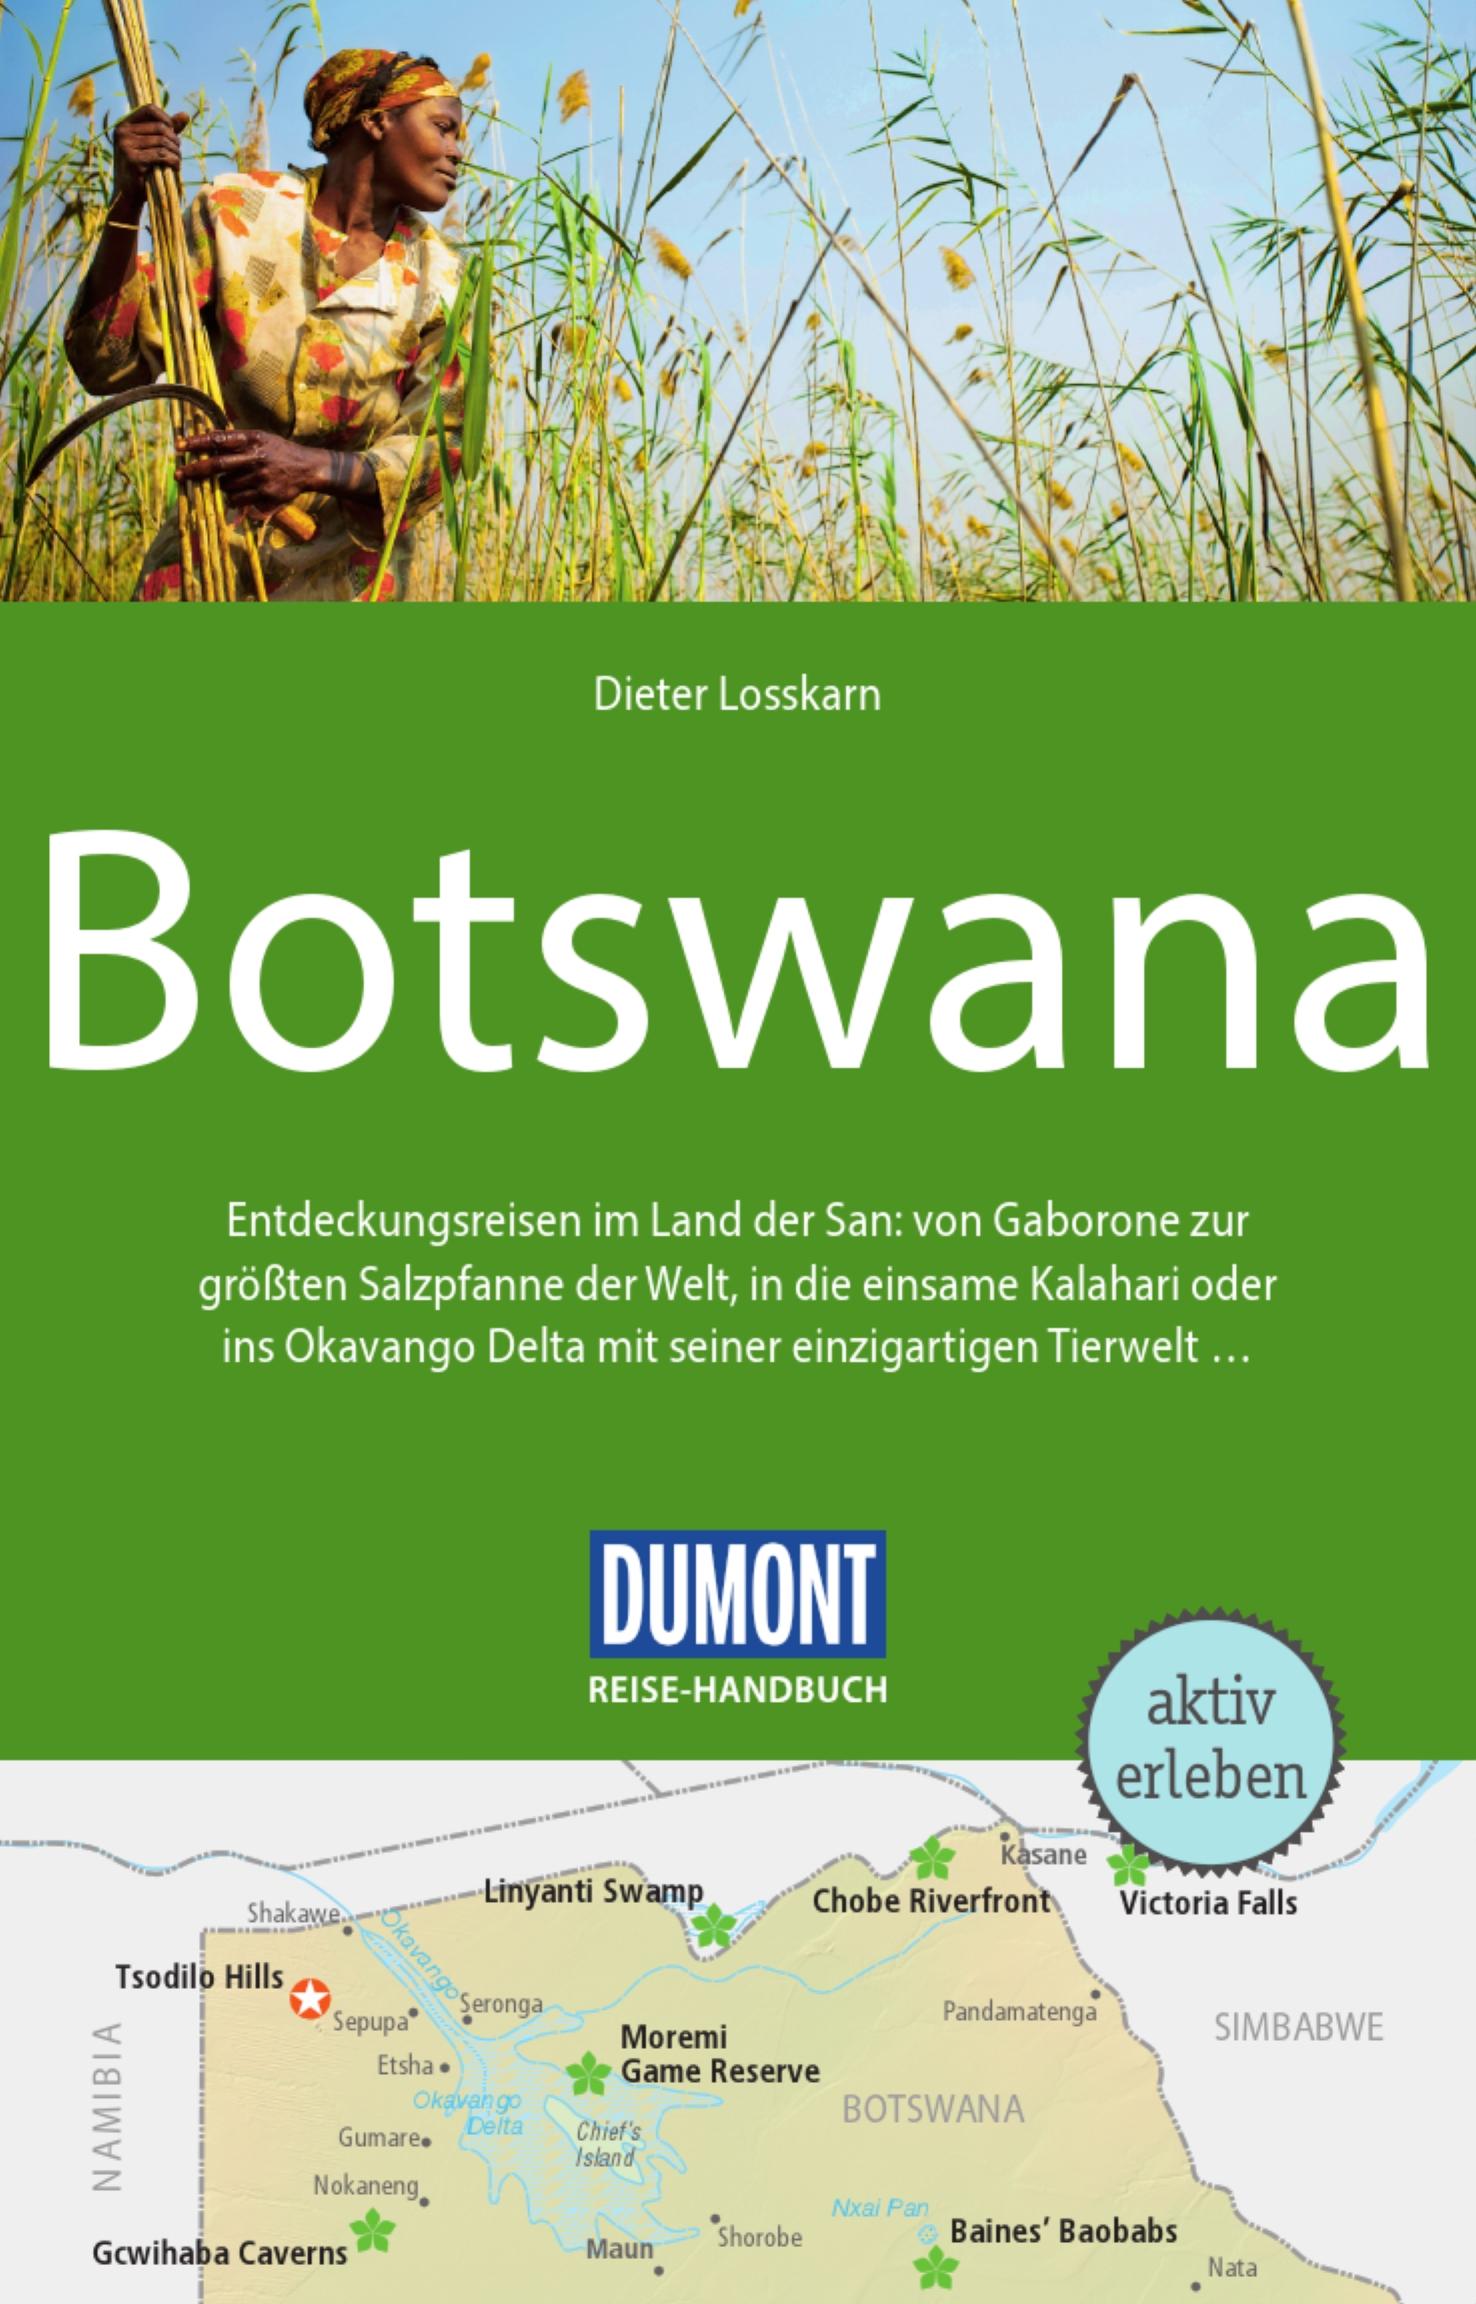 DuMont Reise-Handbuch - Botswana (Cover)